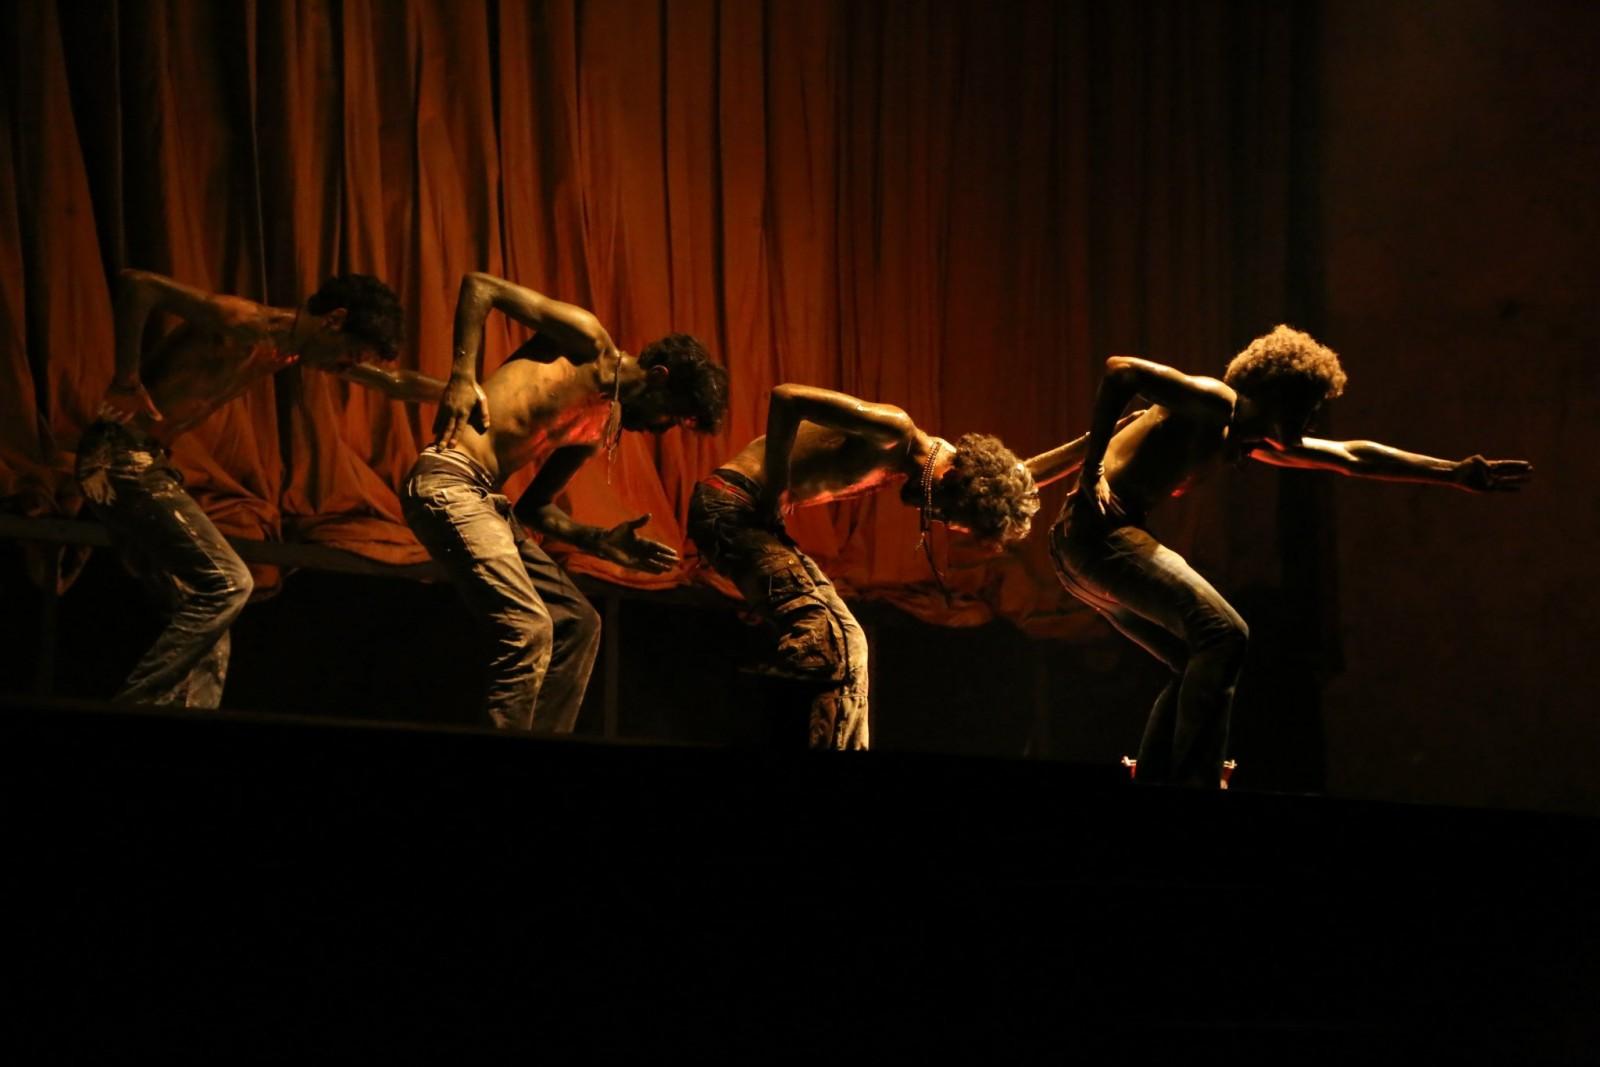 مسرح إسطنبولي يطلق مهرجان لبنان المسرحي الدولي للرقص المعاصر بدورته الأولى